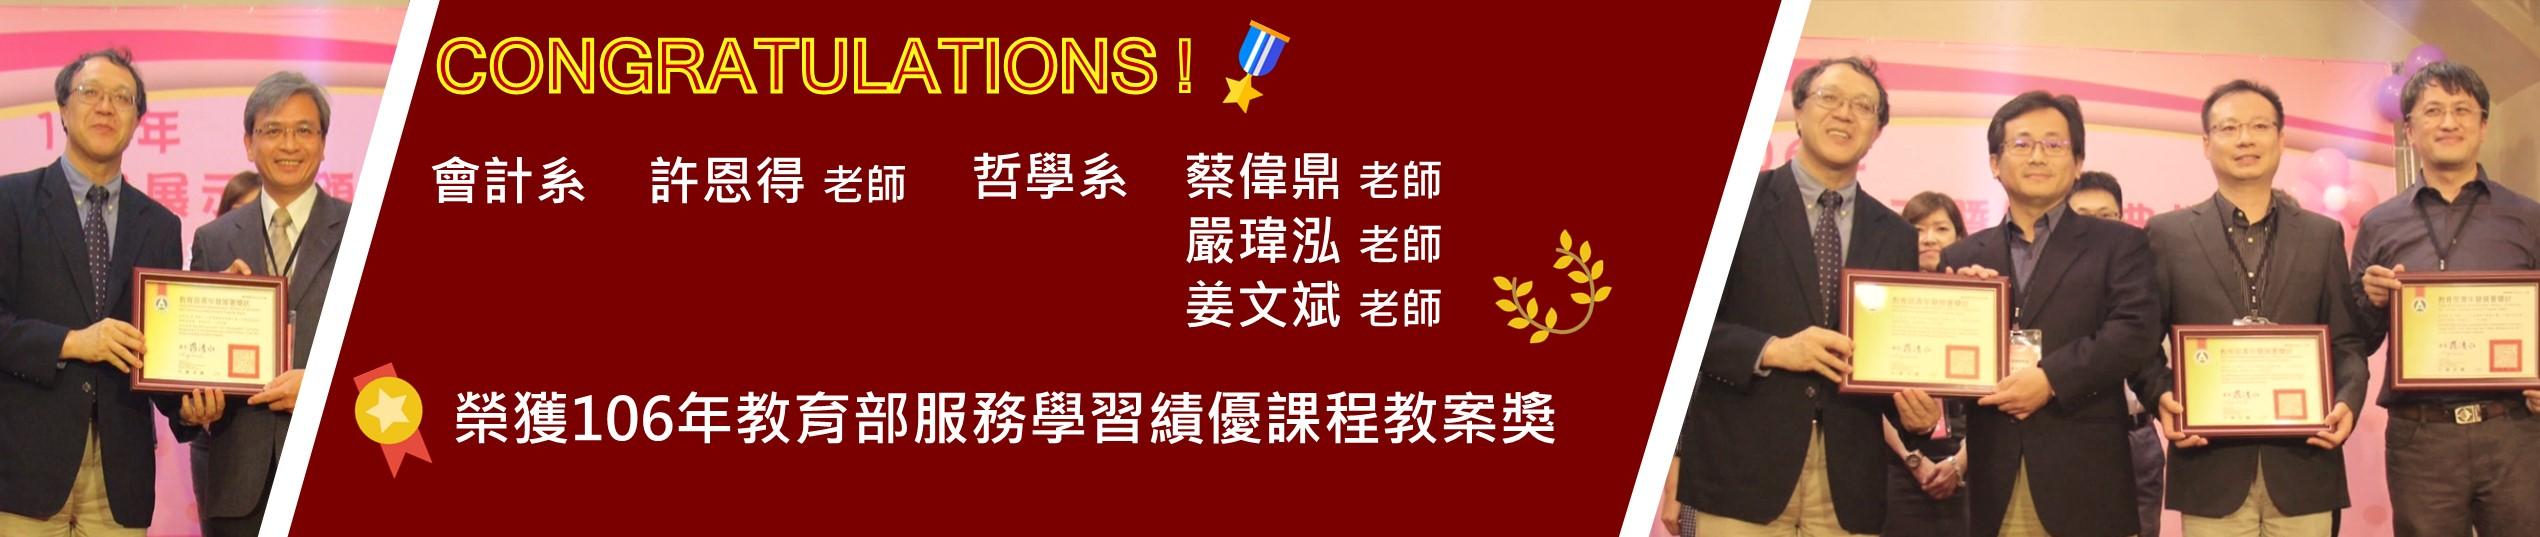 賀!本校教師獲106年全國服務學習績優教案獎